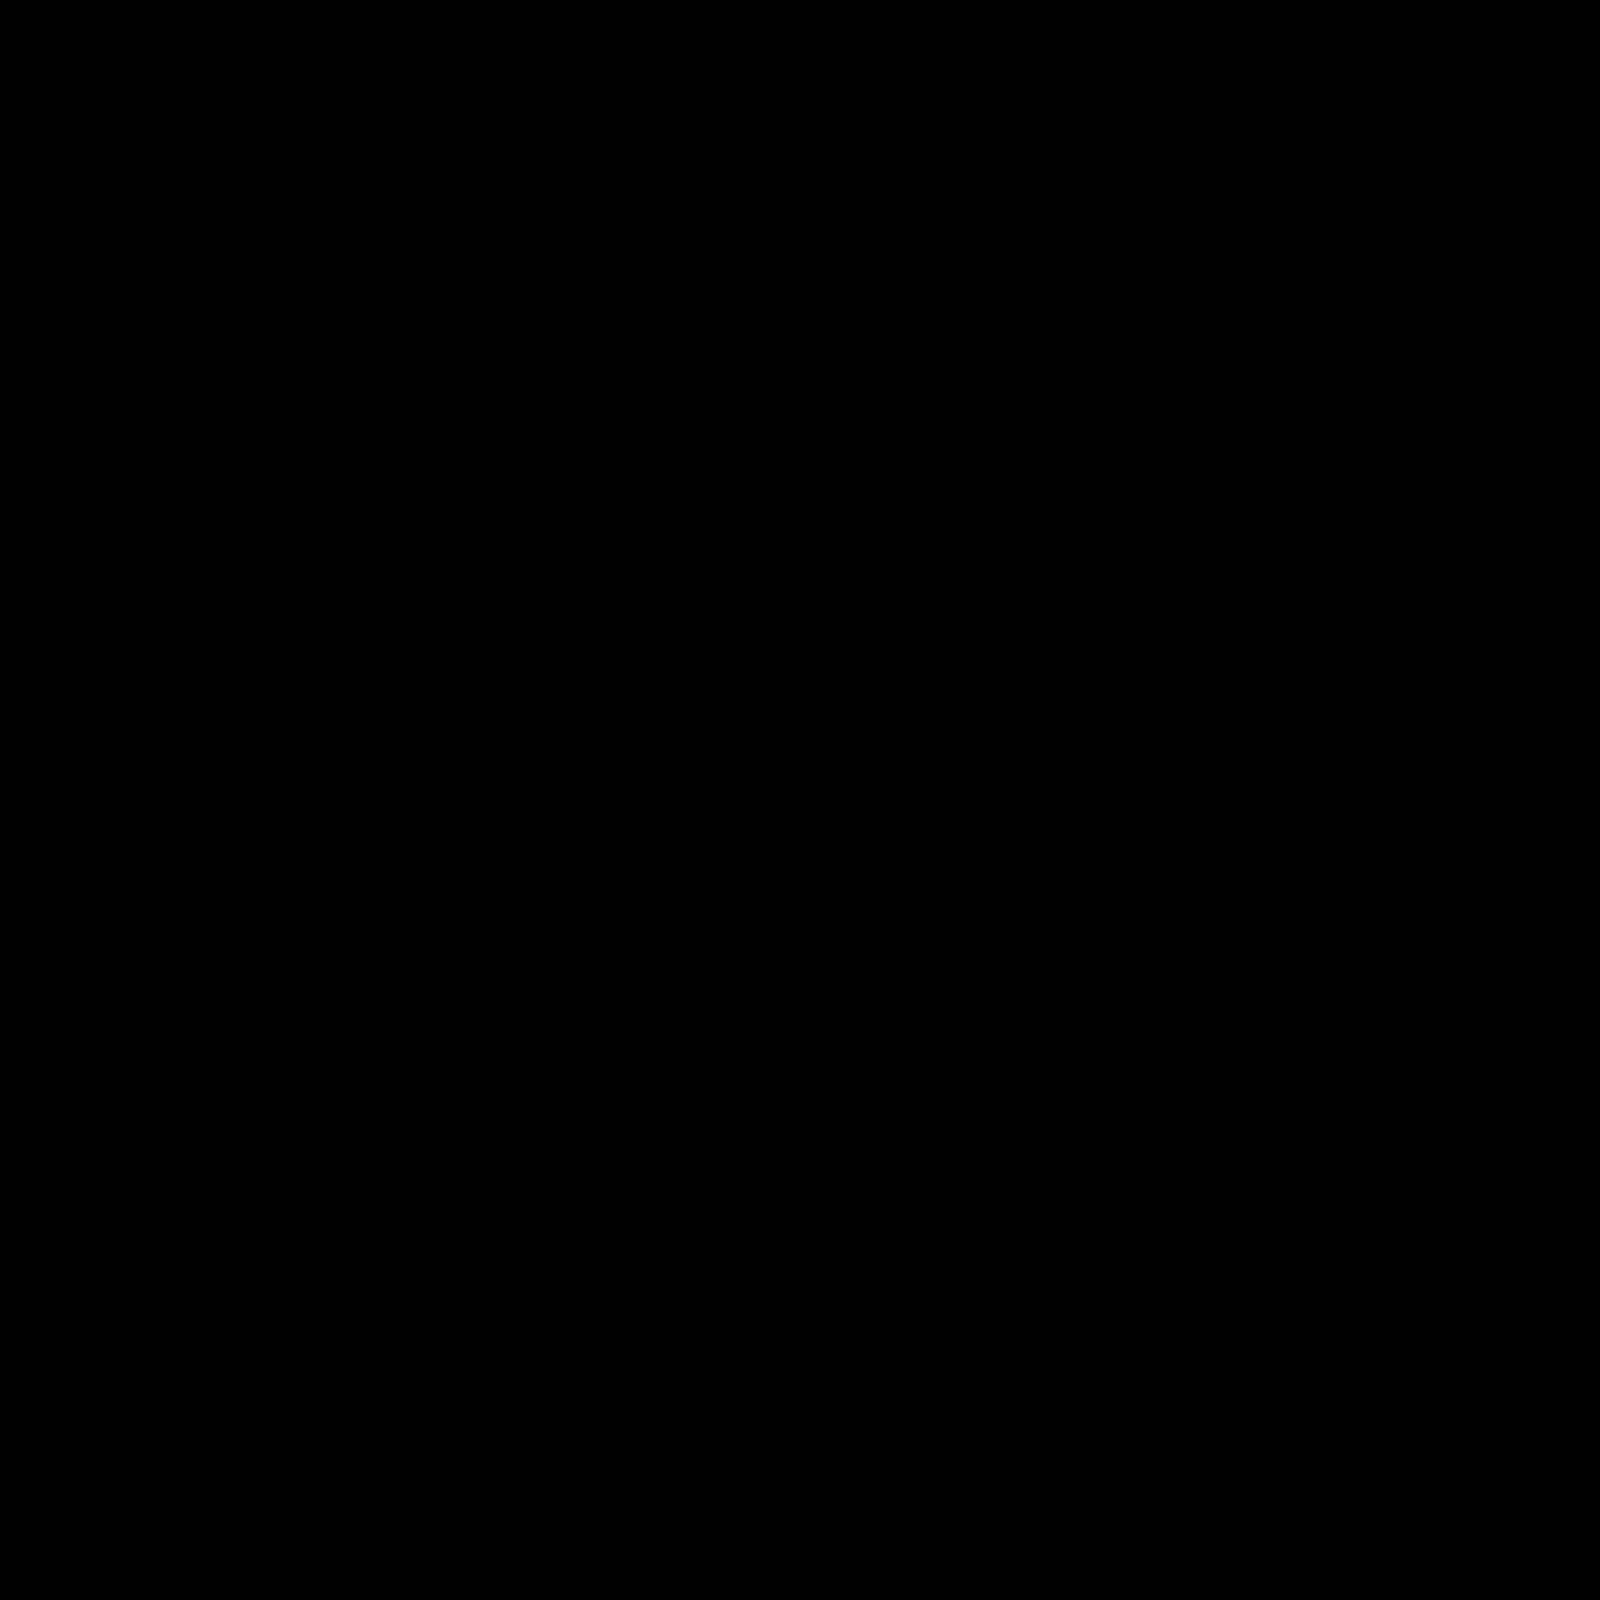 Percent PNG images free download, symbol percent PNG.